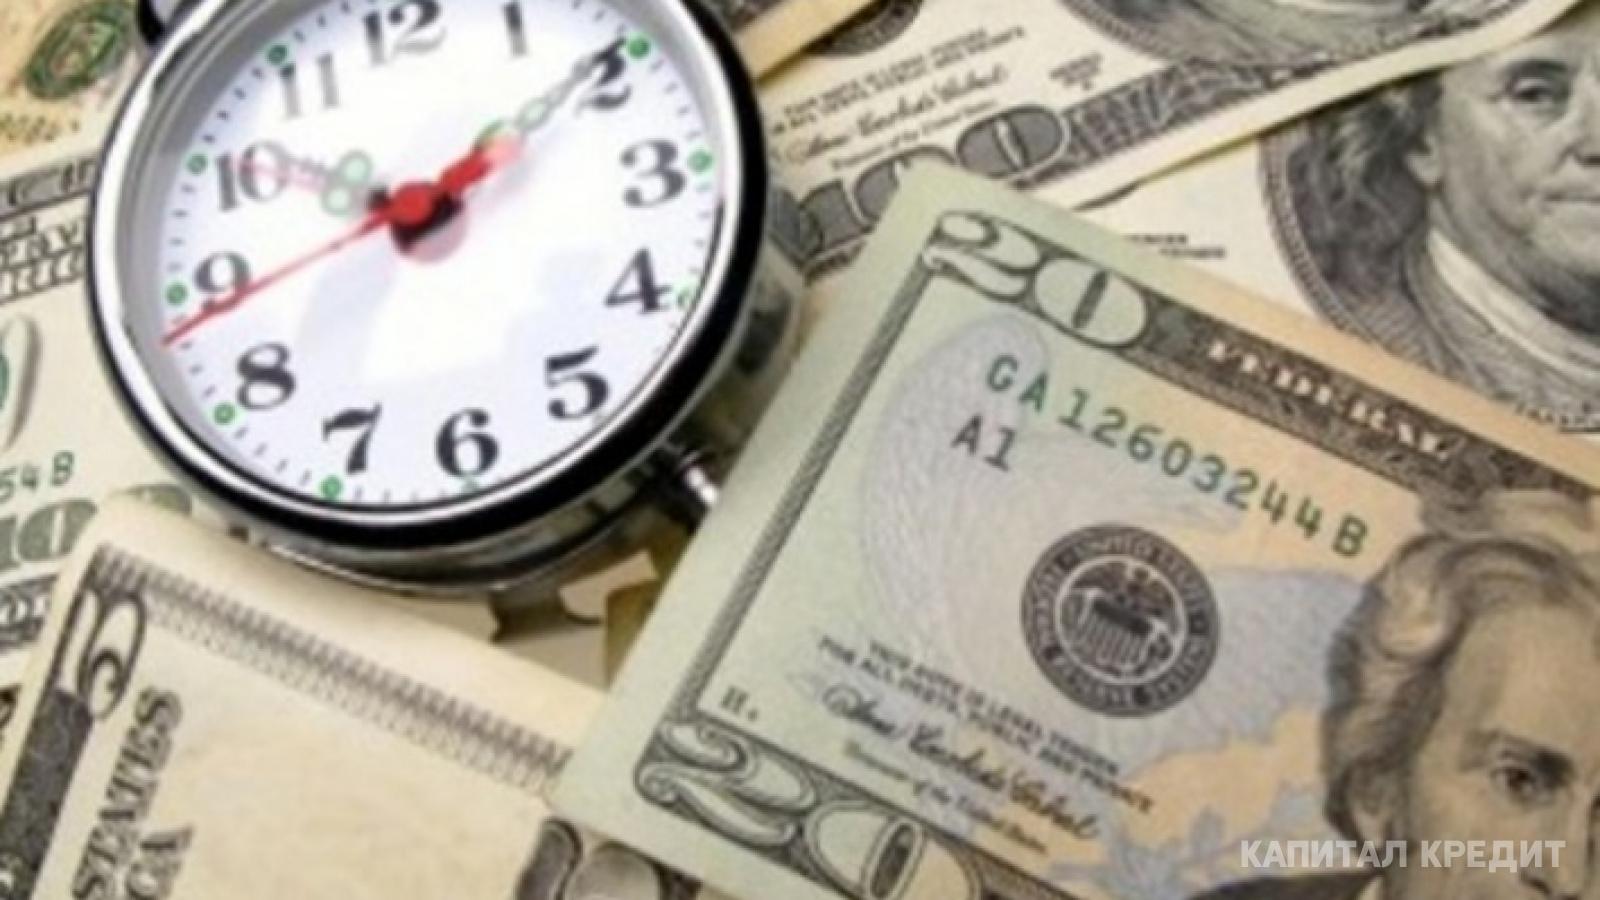 Взять кредит если есть просроченная задолженность кредиты получить решение онлайн